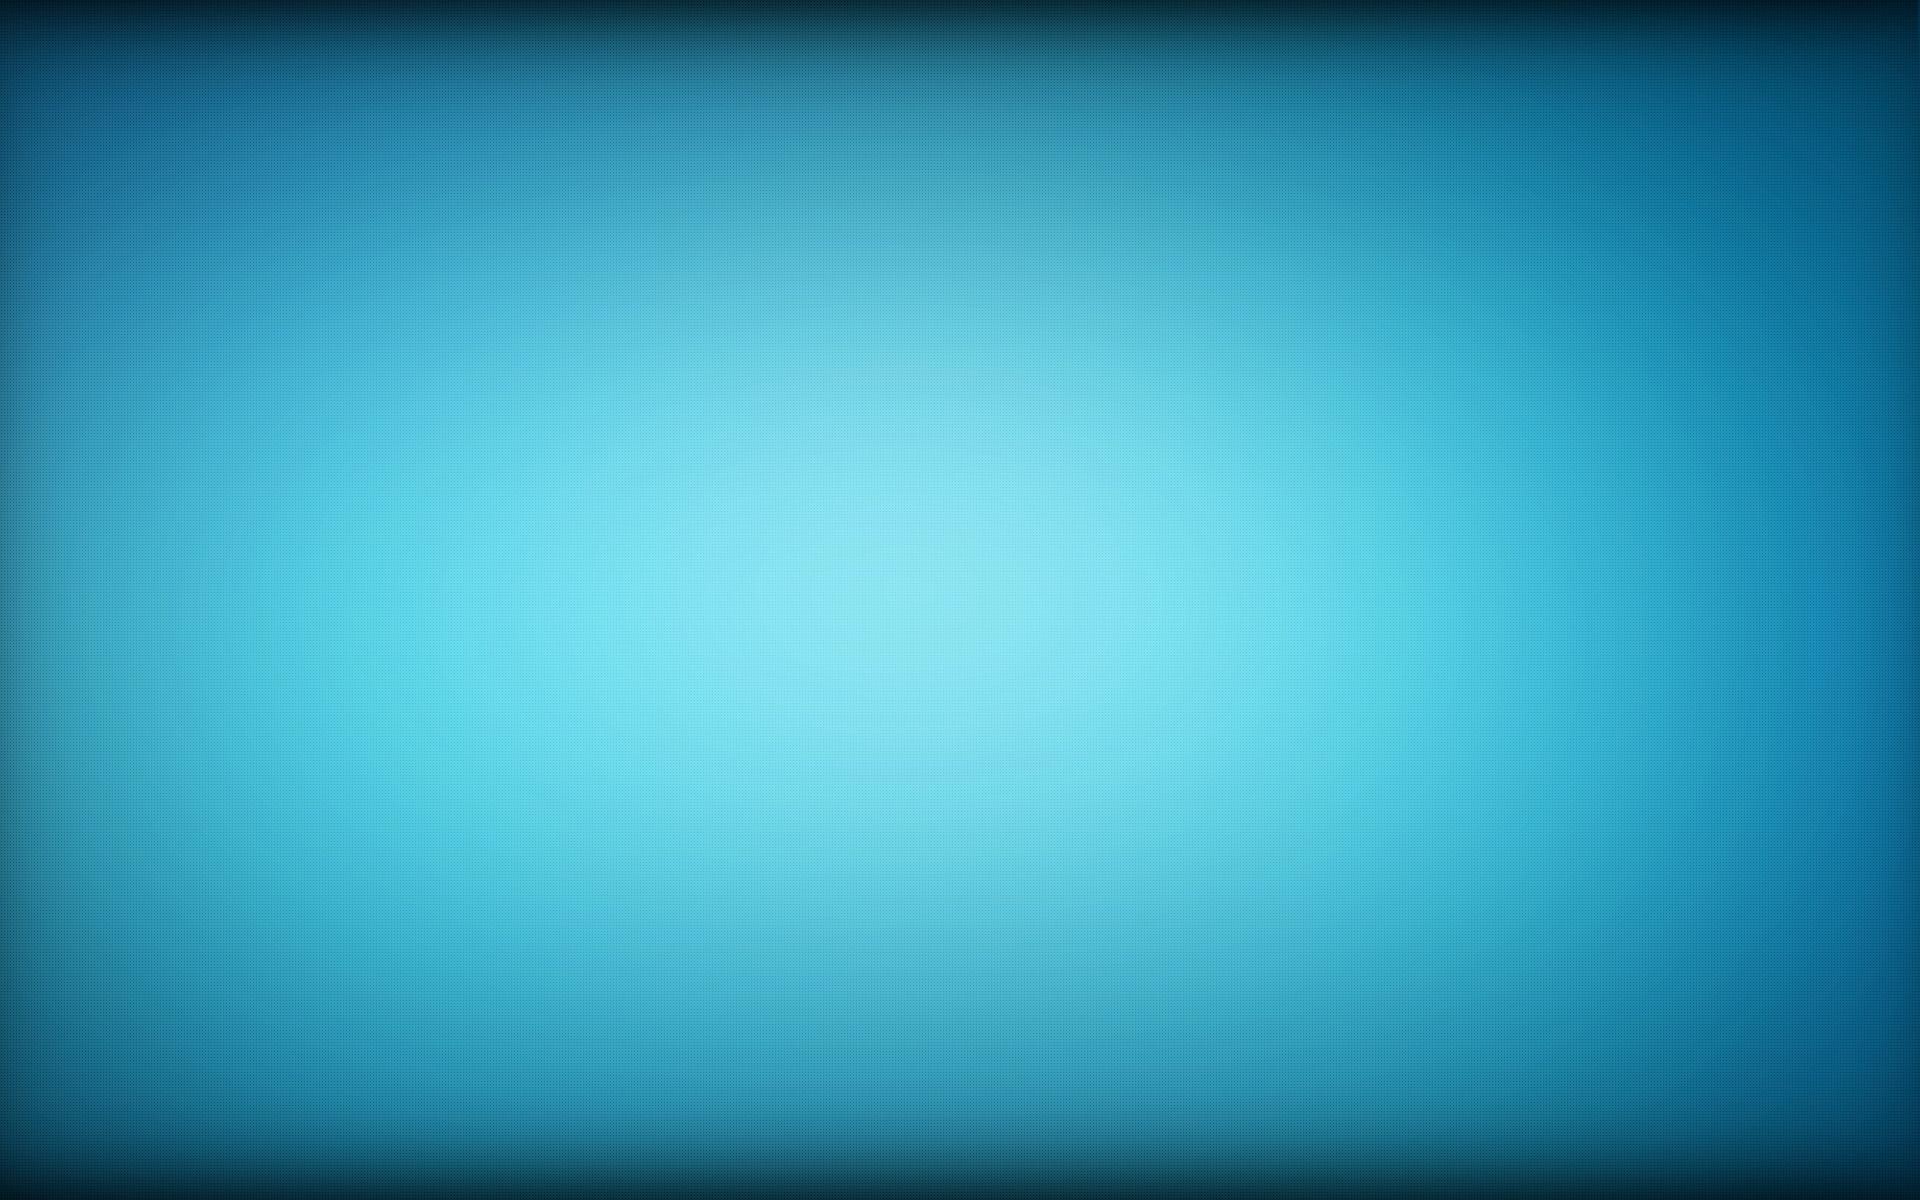 Light Blue Wallpaper Backgrounds 13958 Wallpaper 1920x1200